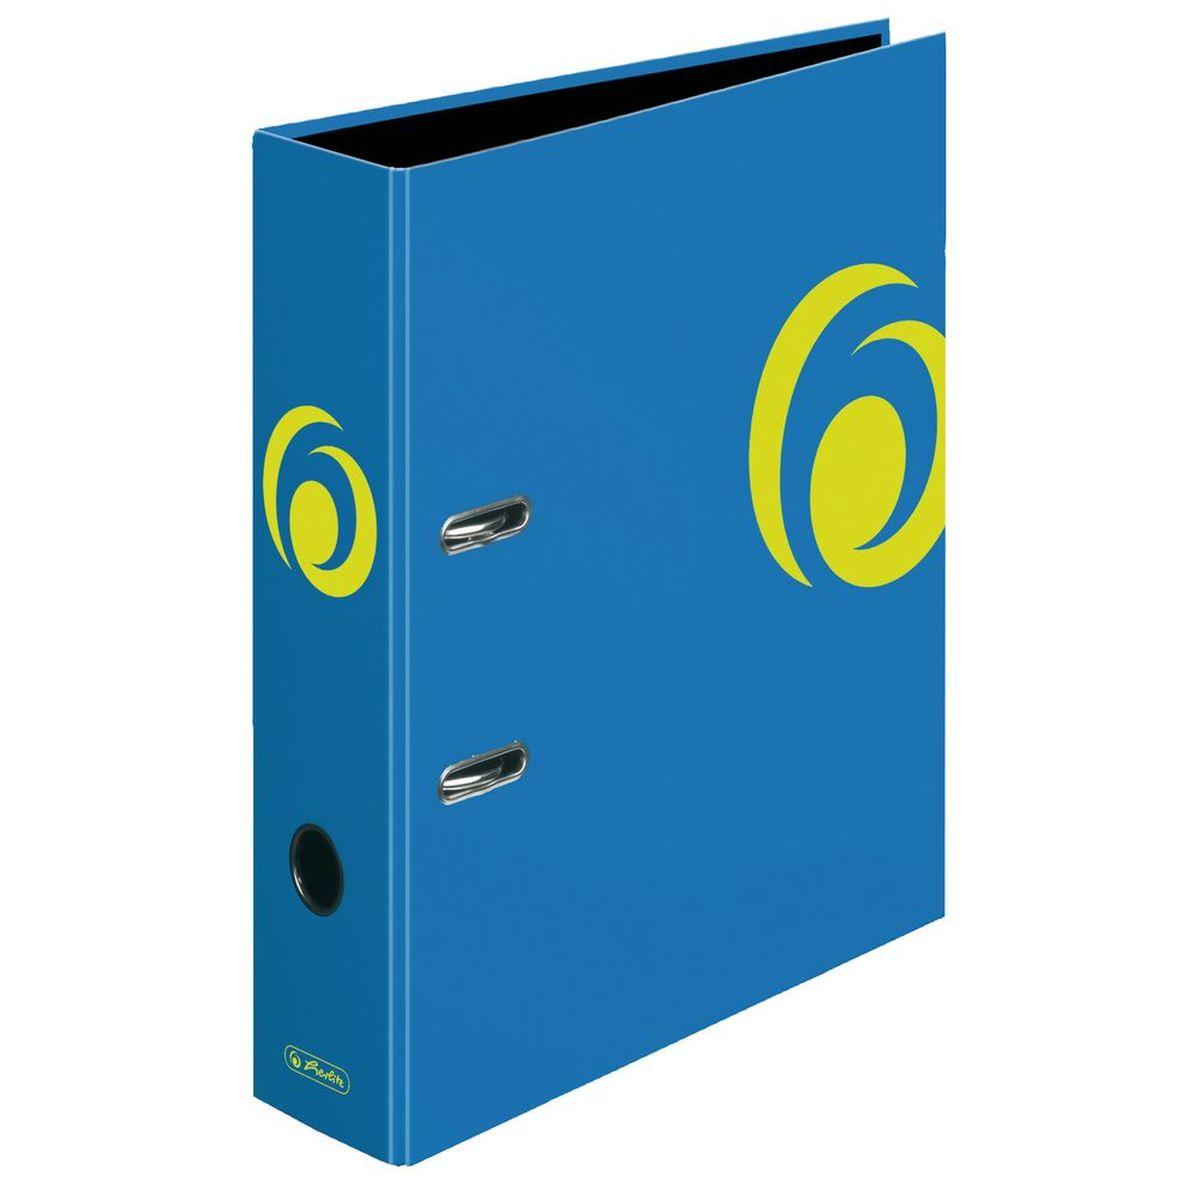 Herlitz Папка-регистратор MaX.file цвет синий39057Практичная папка-регистратор Herlitz maX.file предназначена для хранения больших объемов документов. Ее обложка выполнена из ламинированного картона, с отделкой выборочным лаком. Папка оснащена прочным арочным механизмом улучшенного высокого качества с увеличенной прижимной силой. Основа папки изготовлена из прочного FSC-сертифицированного картона.Папка-регистратор значительно облегчает делопроизводство. Ярко-синийдизайн позволит ей стать достойным аксессуаром среди ваших канцелярских принадлежностей.